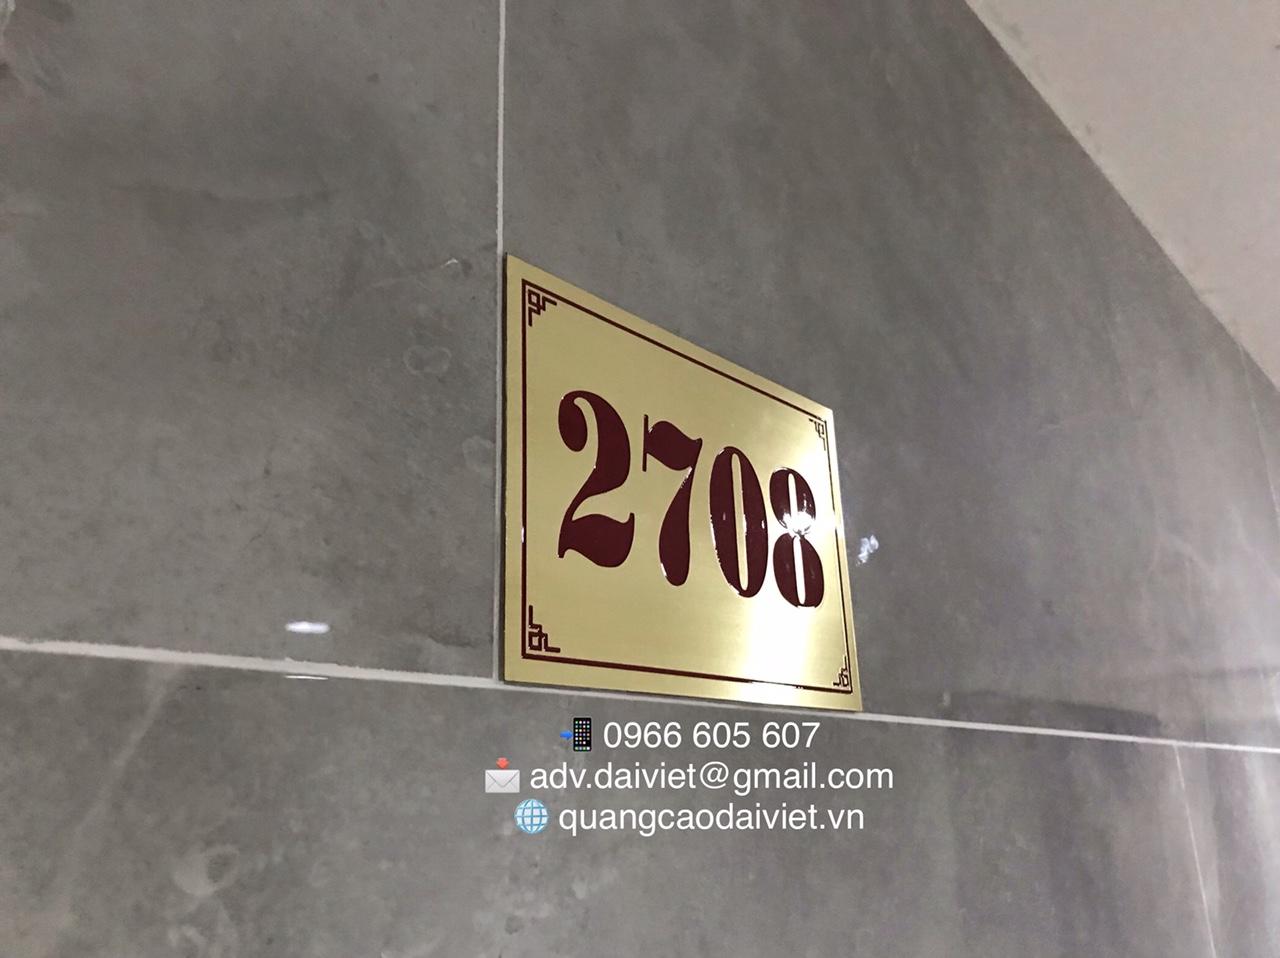 z12302609746002faa1f3843f5d09108a0cc90e52bbf65